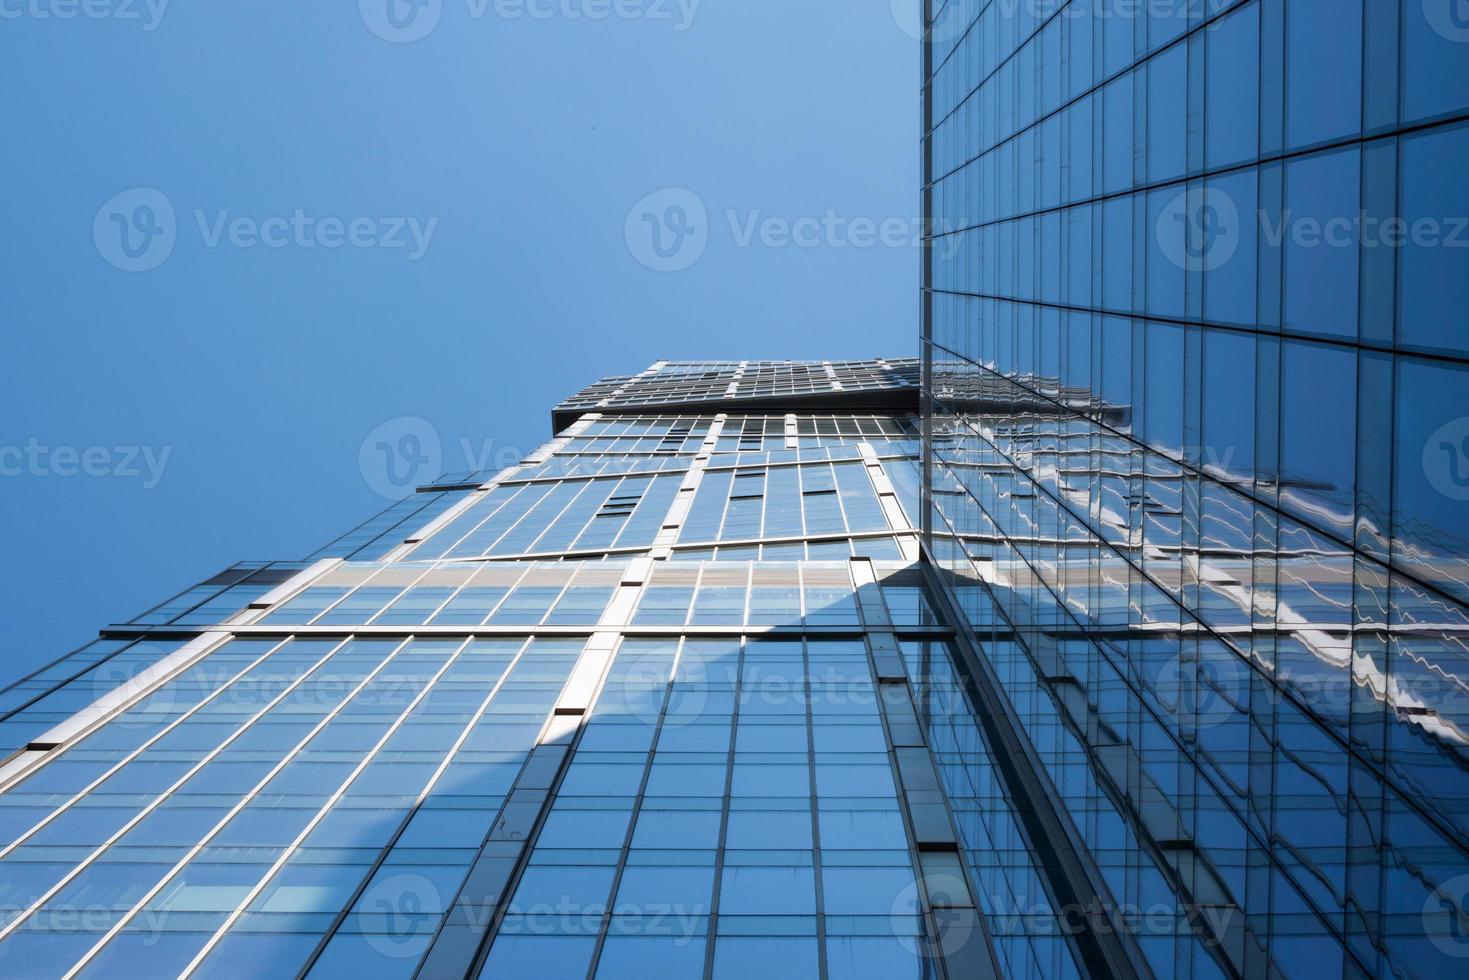 immeubles de grande hauteur sur ciel bleu, vue de dessous photo